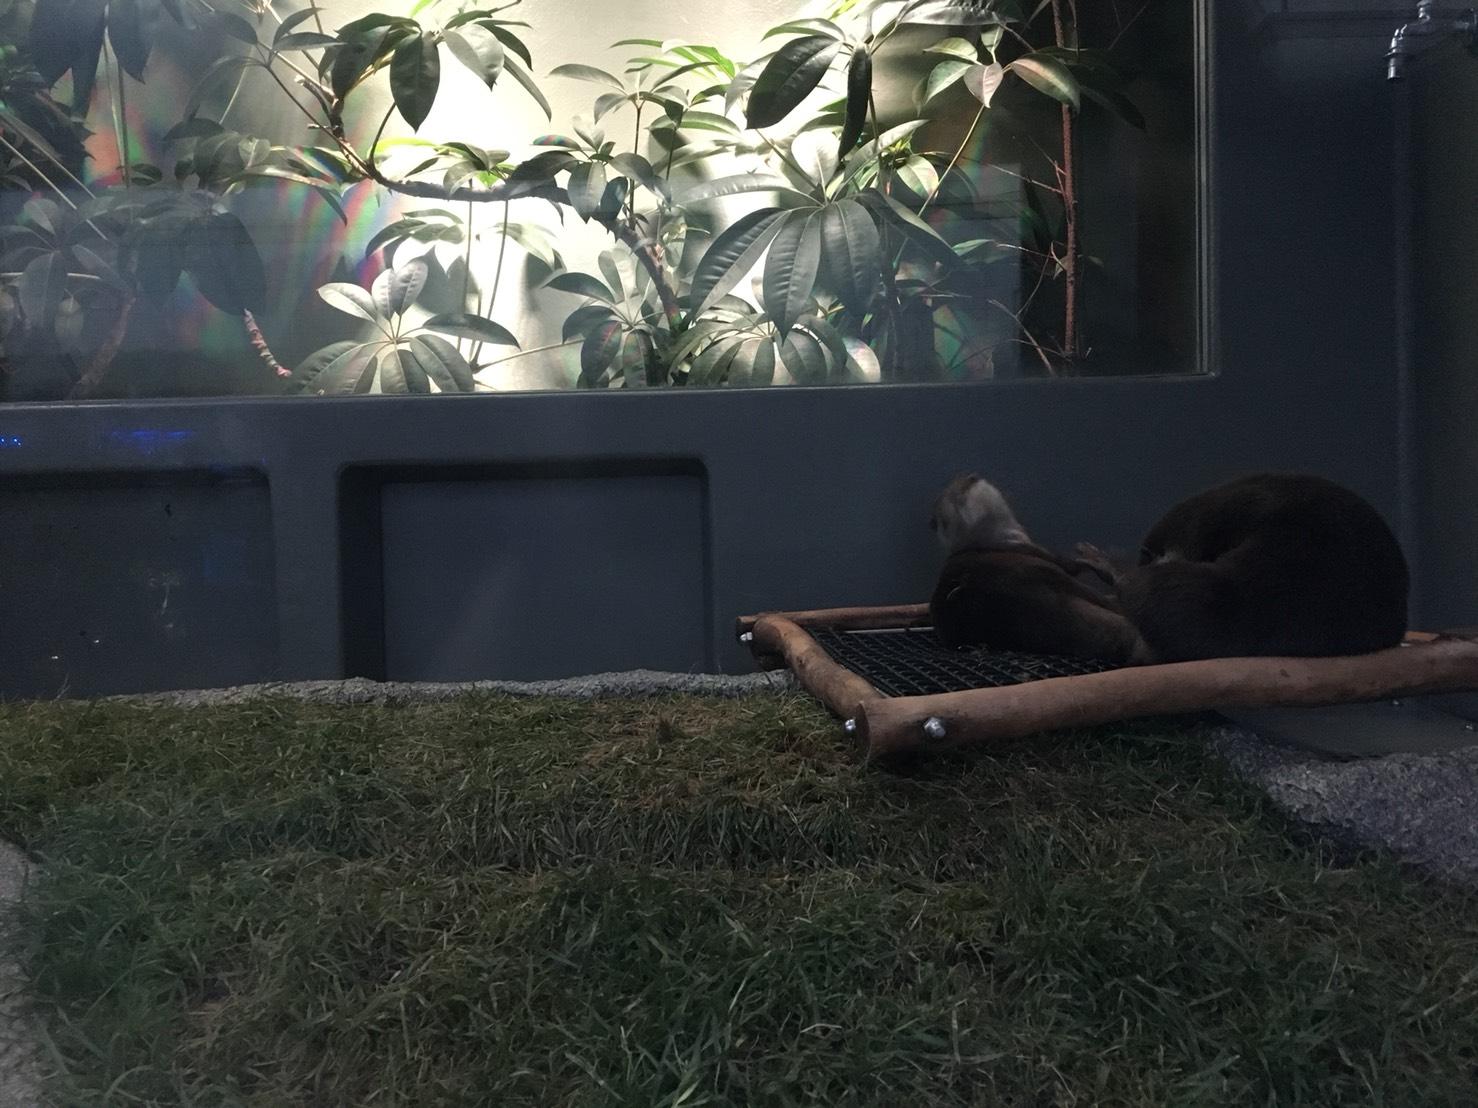 【池袋駅】「サンシャイン水族館」で癒されようよ!ほら早く!のコツメカワウソ2